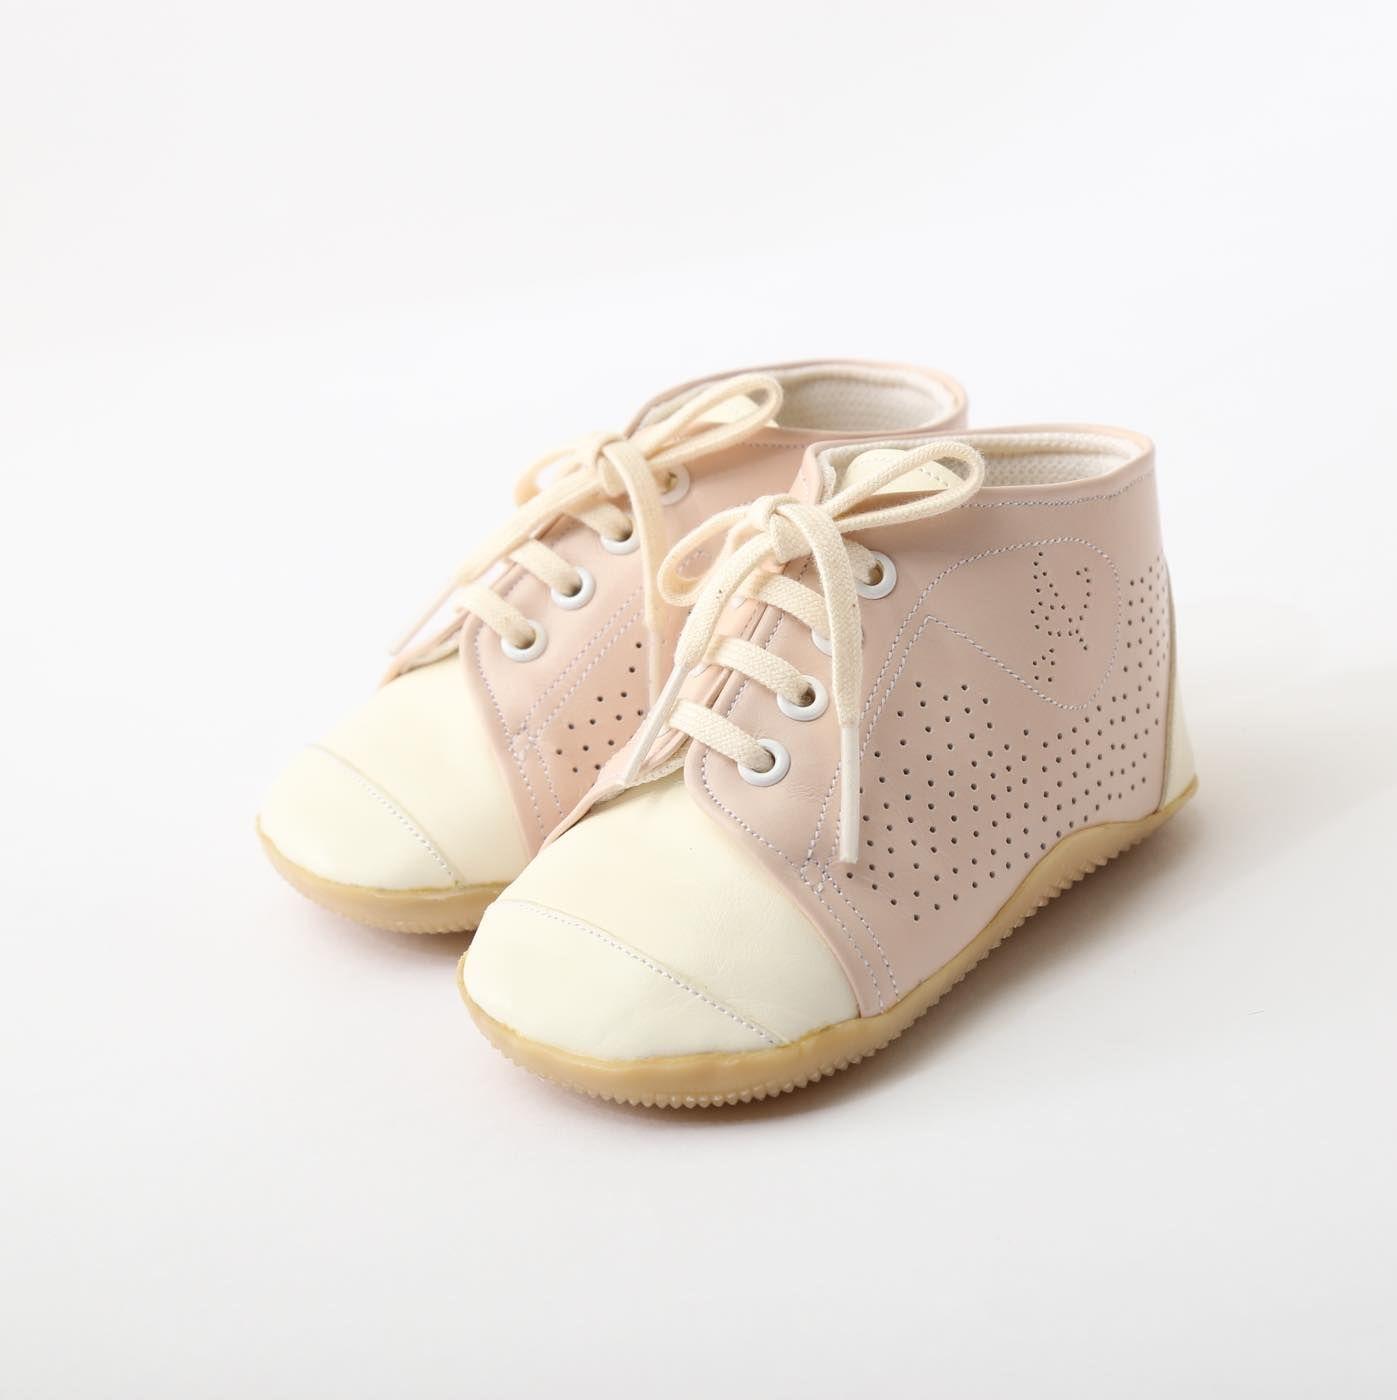 ベビーシューズ ピンク Baby Shoes Pink